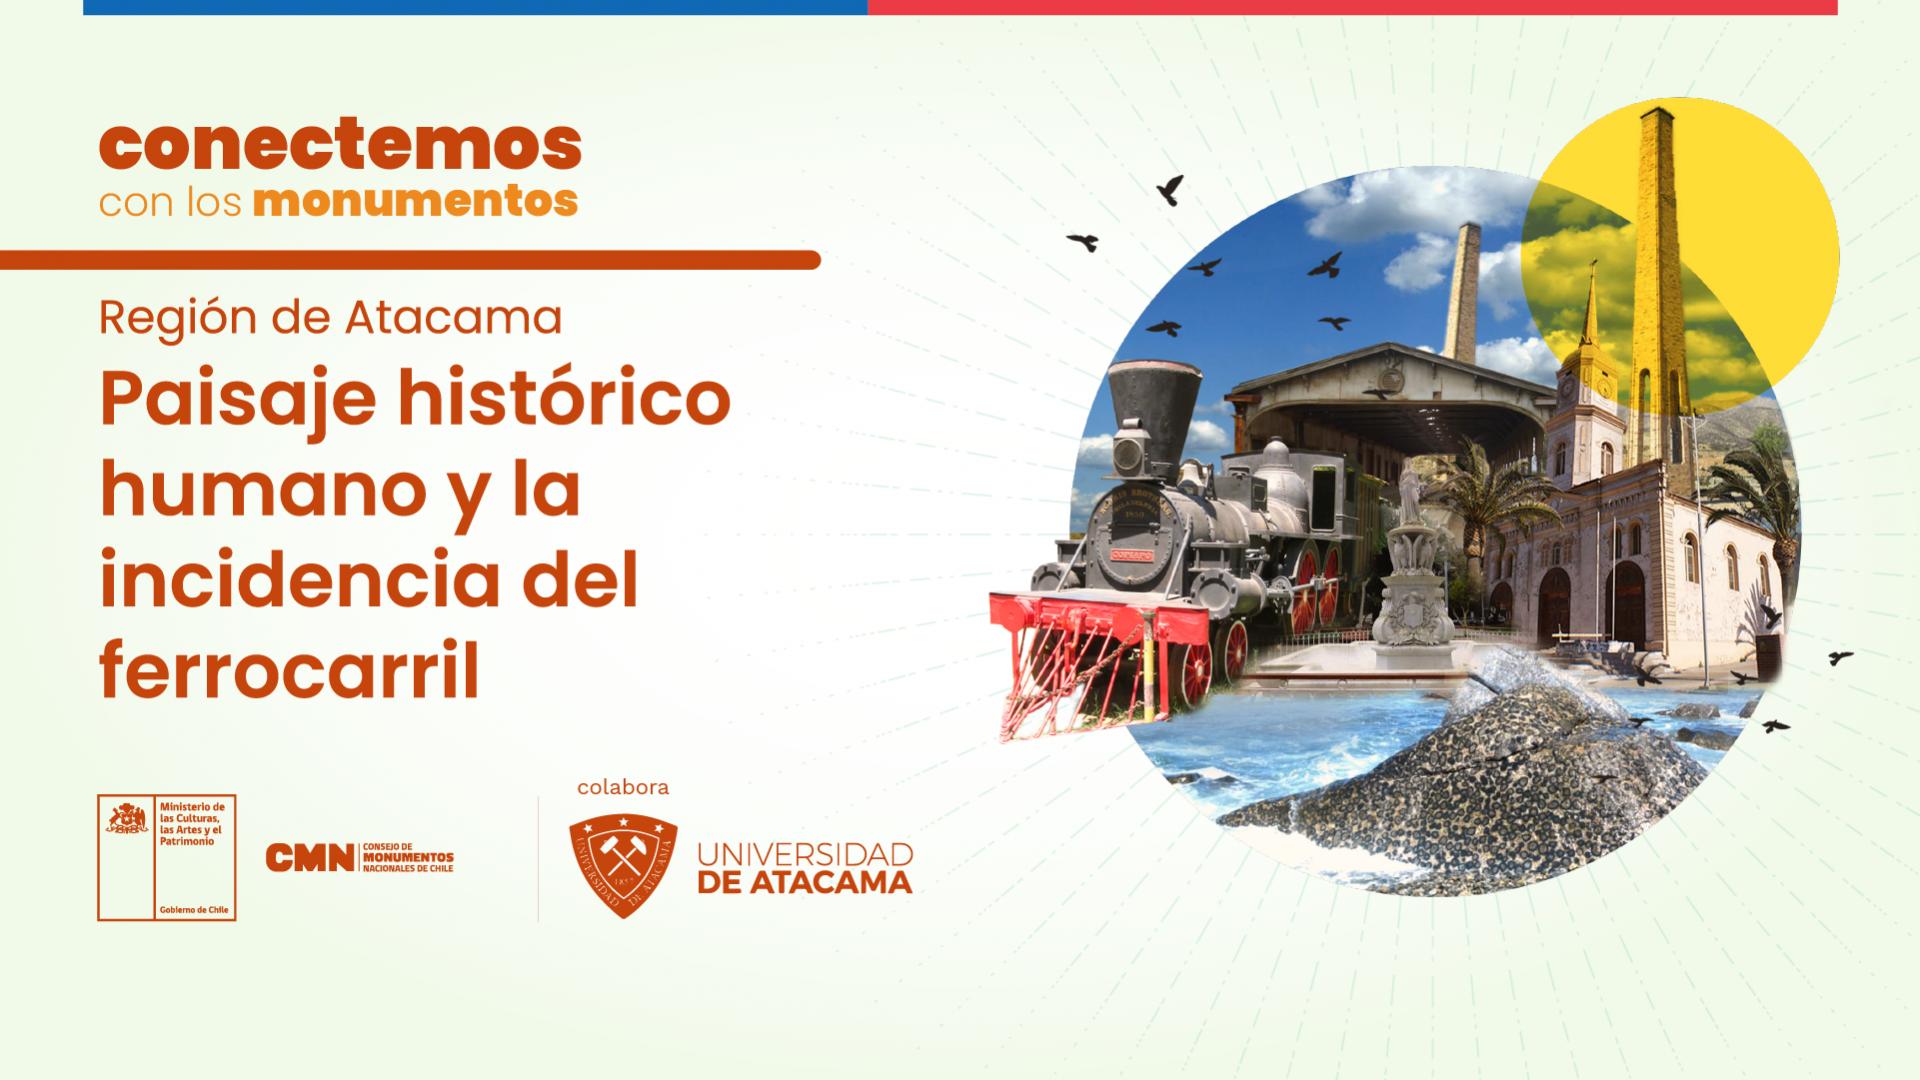 """Imagen de Conectemos con los Monumentos"""" destacará el paisaje histórico humano y la incidencia del ferrocarril en la Región de Atacama"""